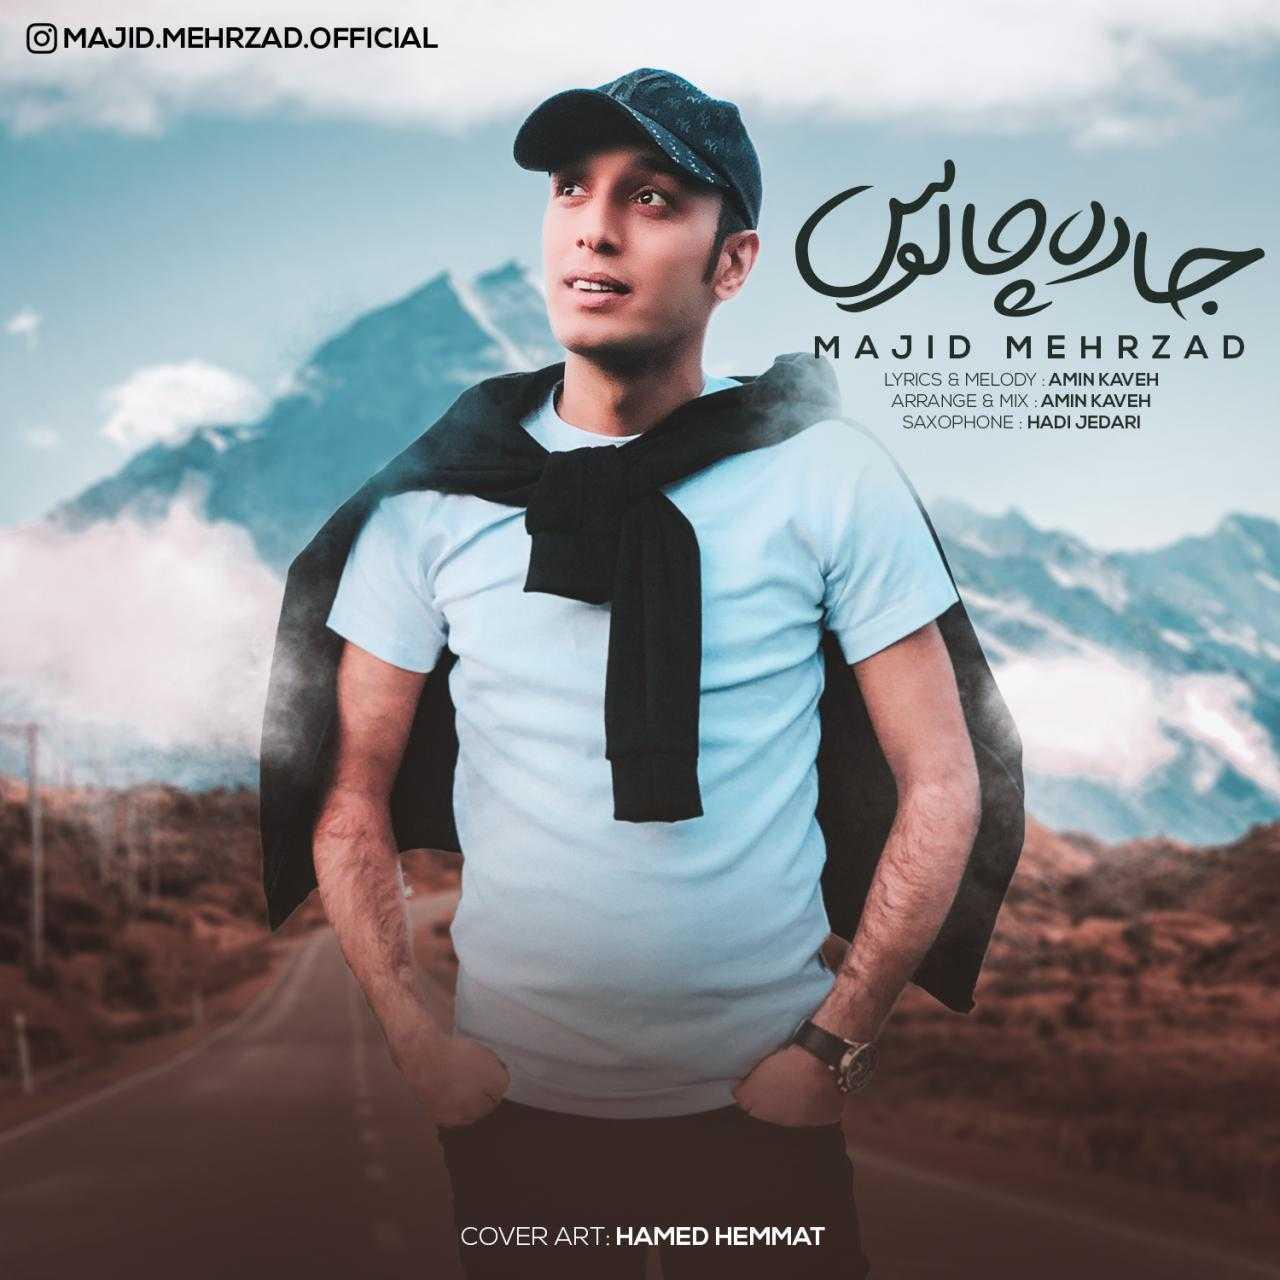 دانلود آهنگ جدید مجید مهرزاد به نام جاده چالوس